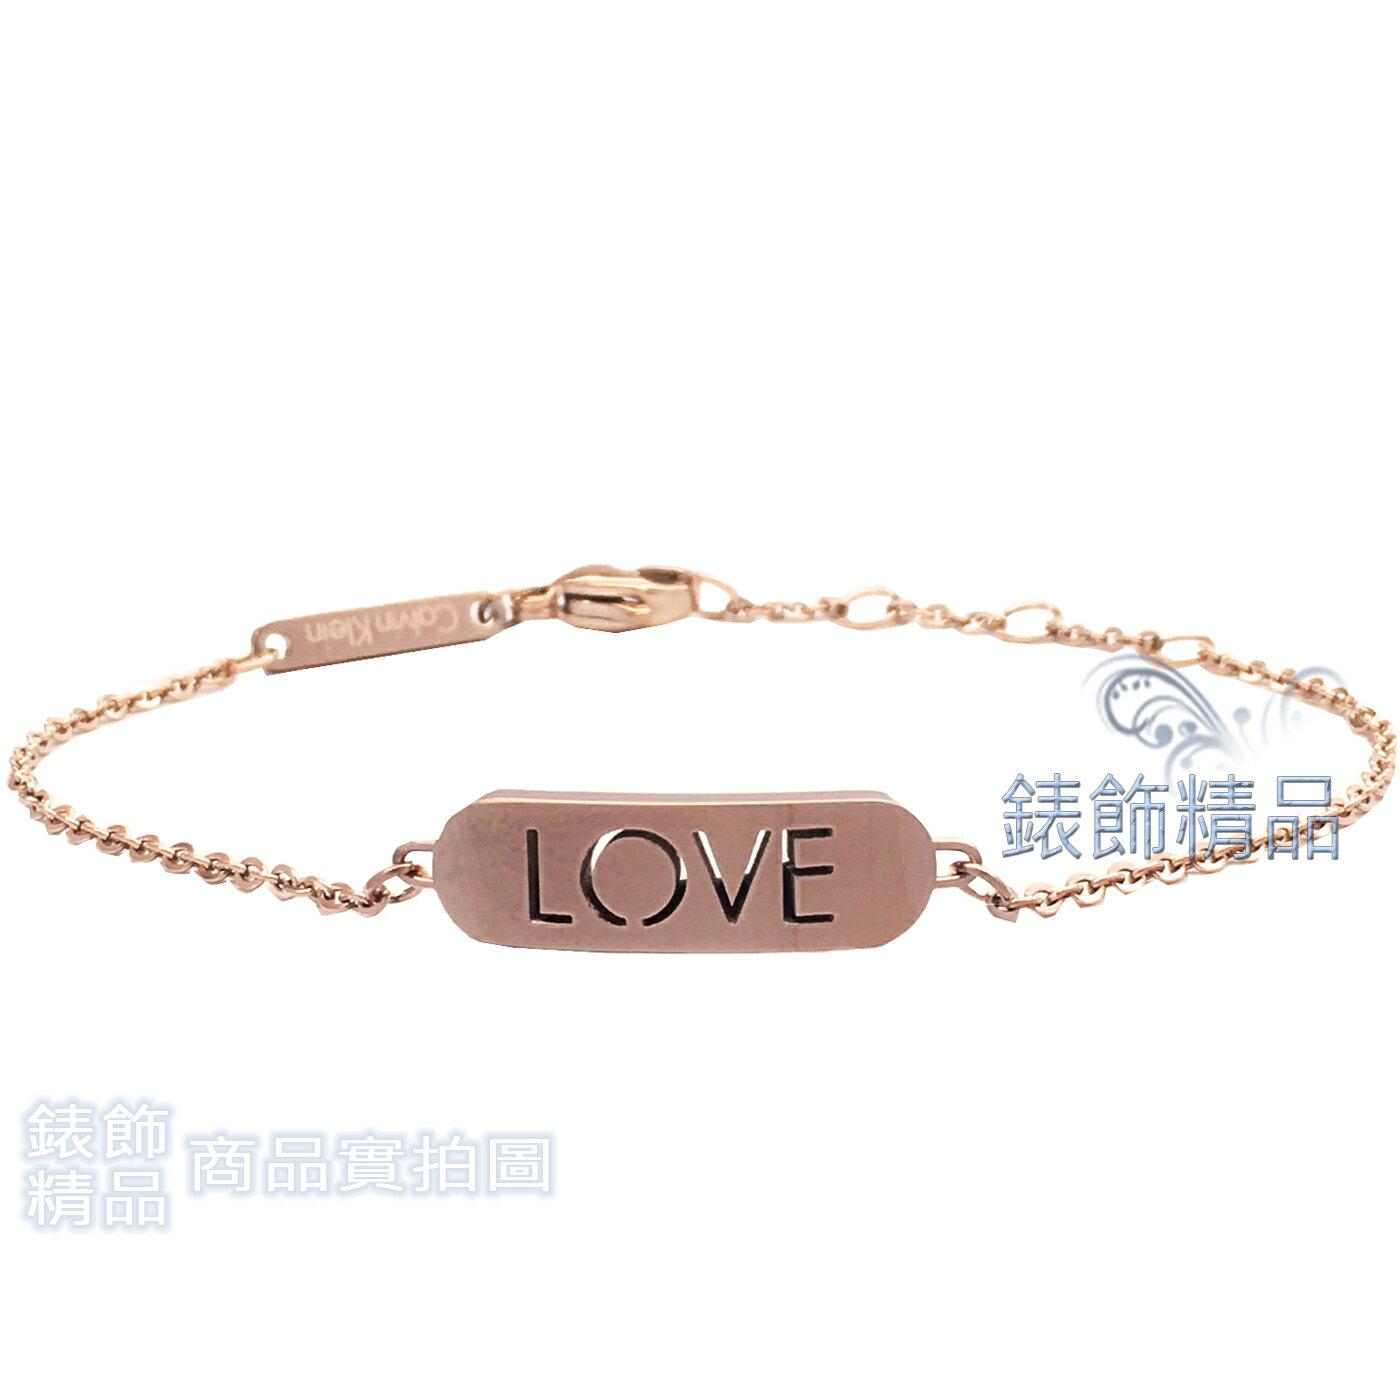 【錶飾精品】CK飾品 KJ7CPB100200 Calvin Klein ck LOVE女性手鍊-玫瑰金 316L白鋼